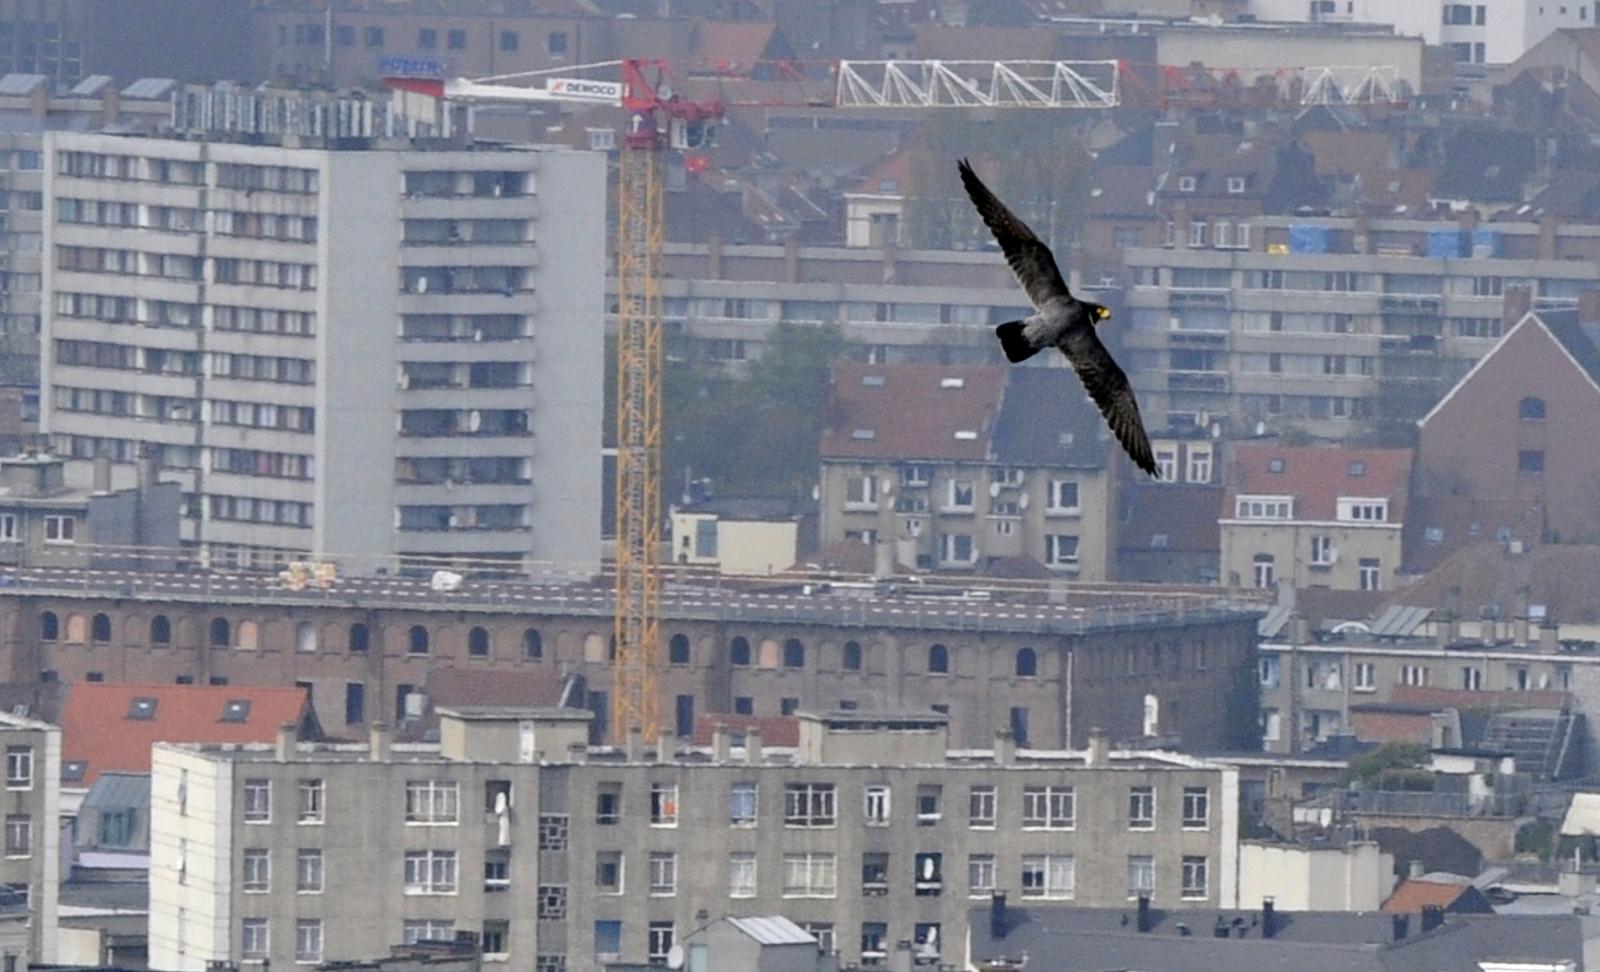 Falcon drones